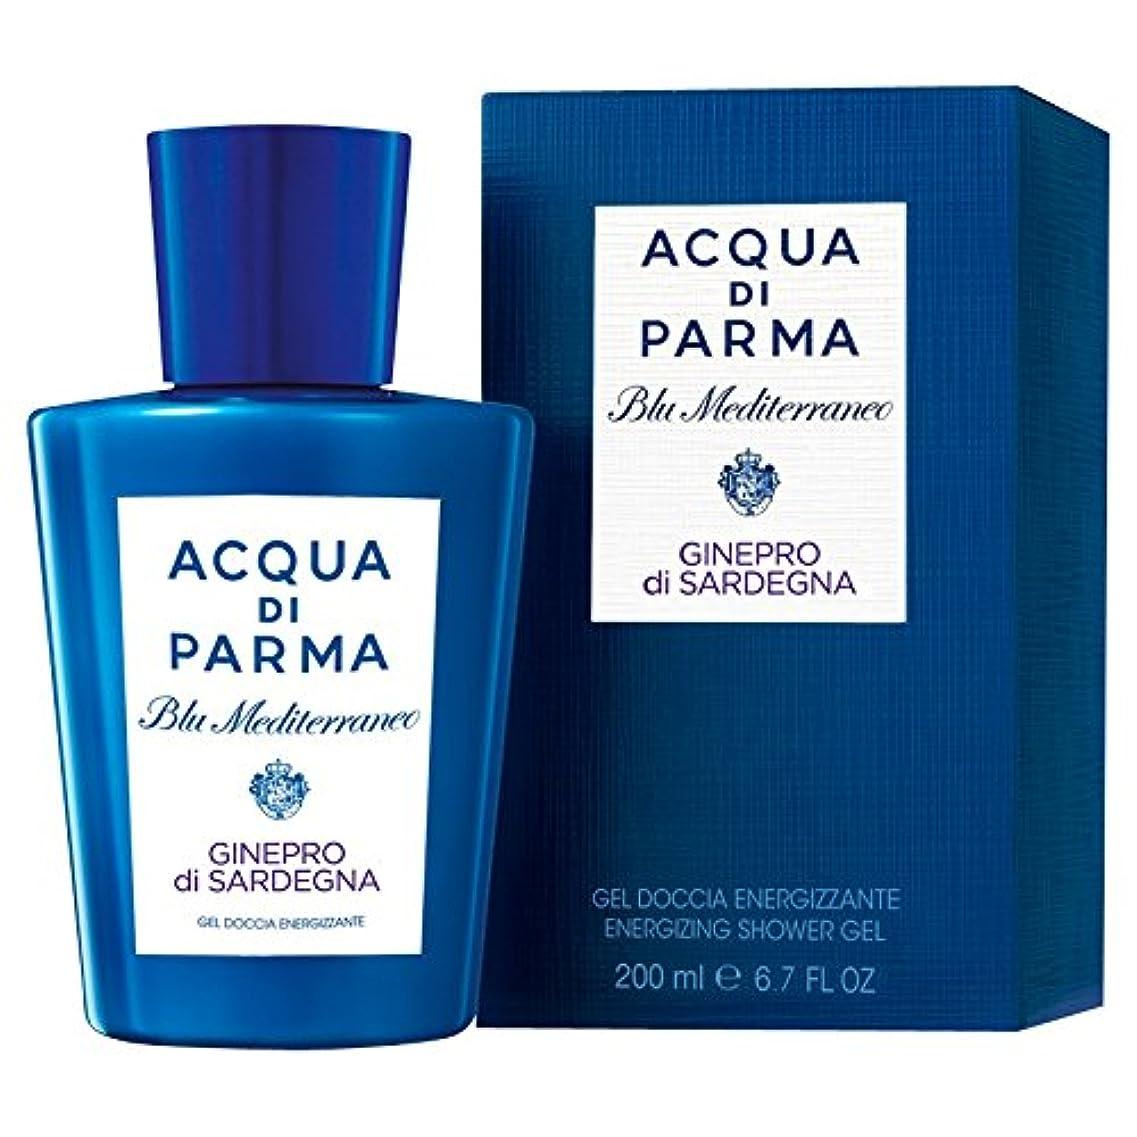 シンカン飛ぶ援助アクア?ディ?パルマブルーメディGineproのディサルデーニャシャワージェル200ミリリットル (Acqua di Parma) (x2) - Acqua di Parma Blu Mediterraneo Ginepro Di Sardegna Shower Gel 200ml (Pack of 2) [並行輸入品]